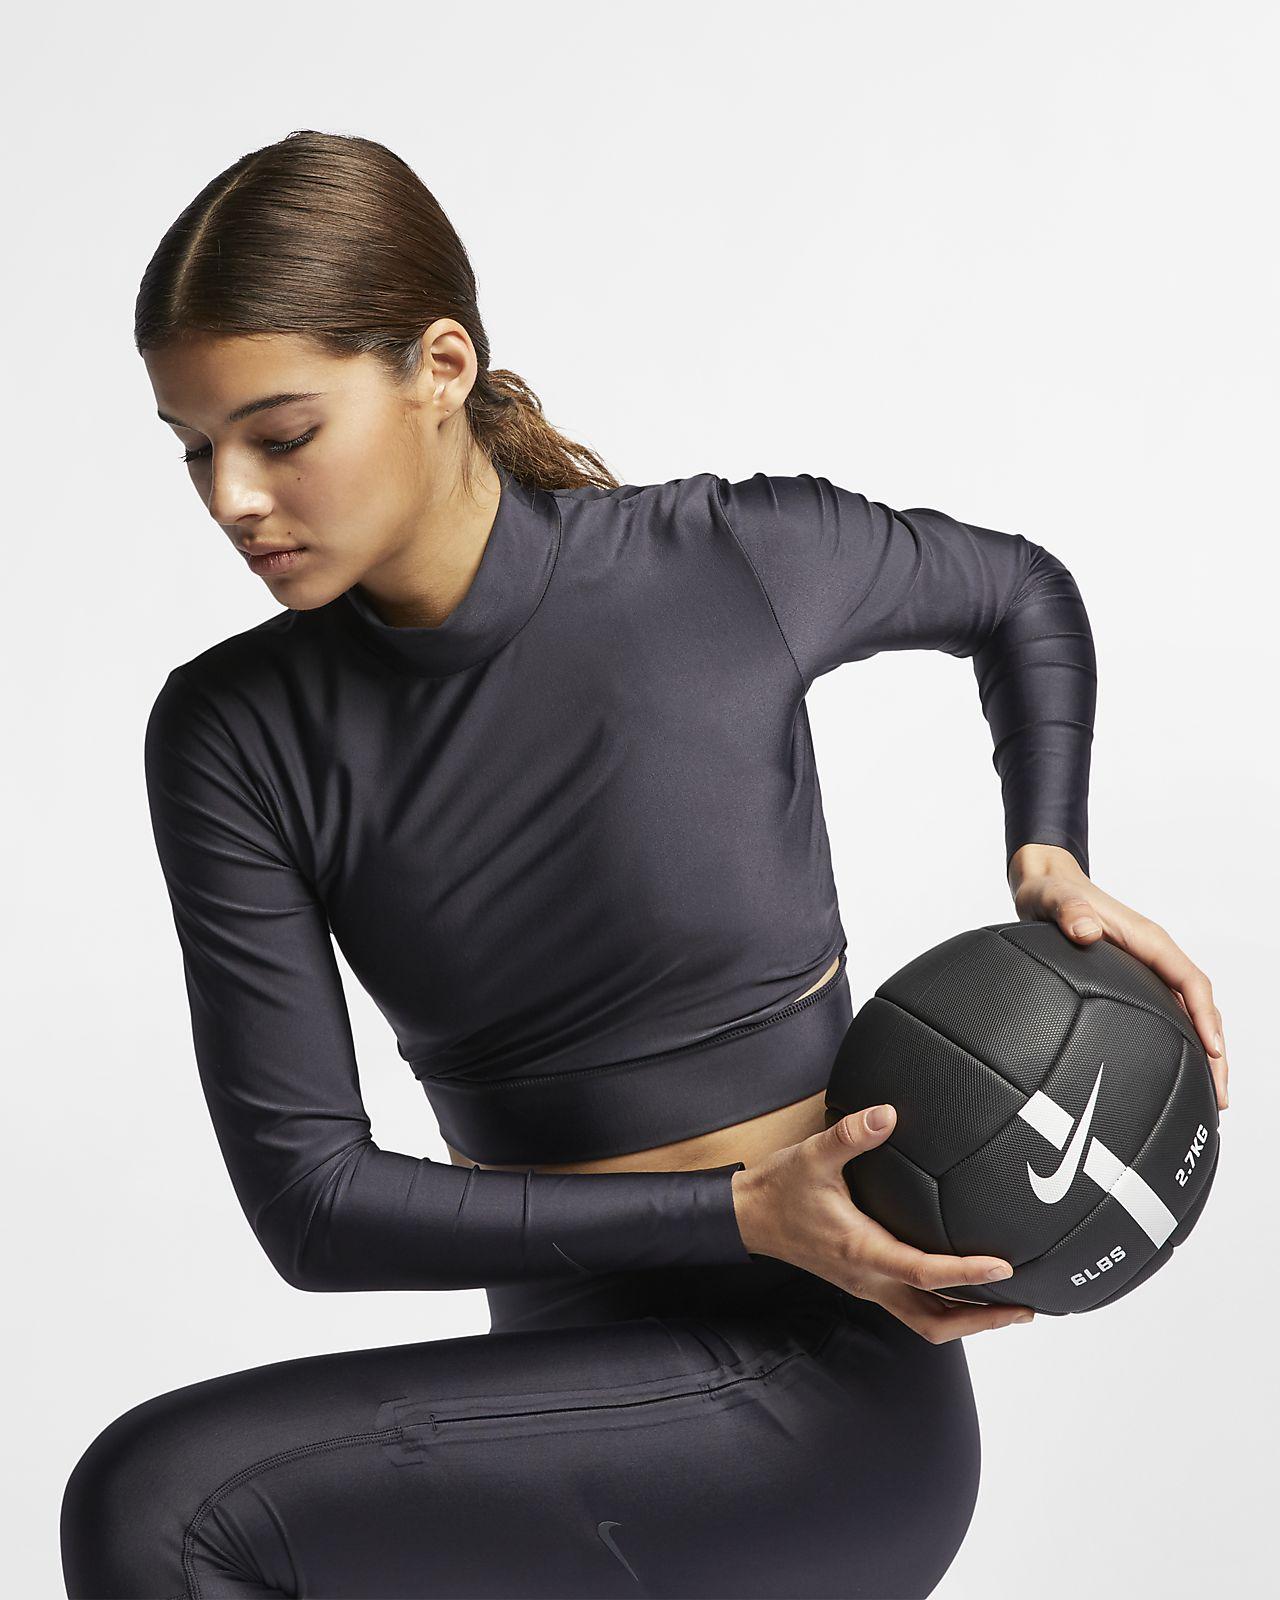 Dámský tréninkový top s dlouhým rukávem Nike